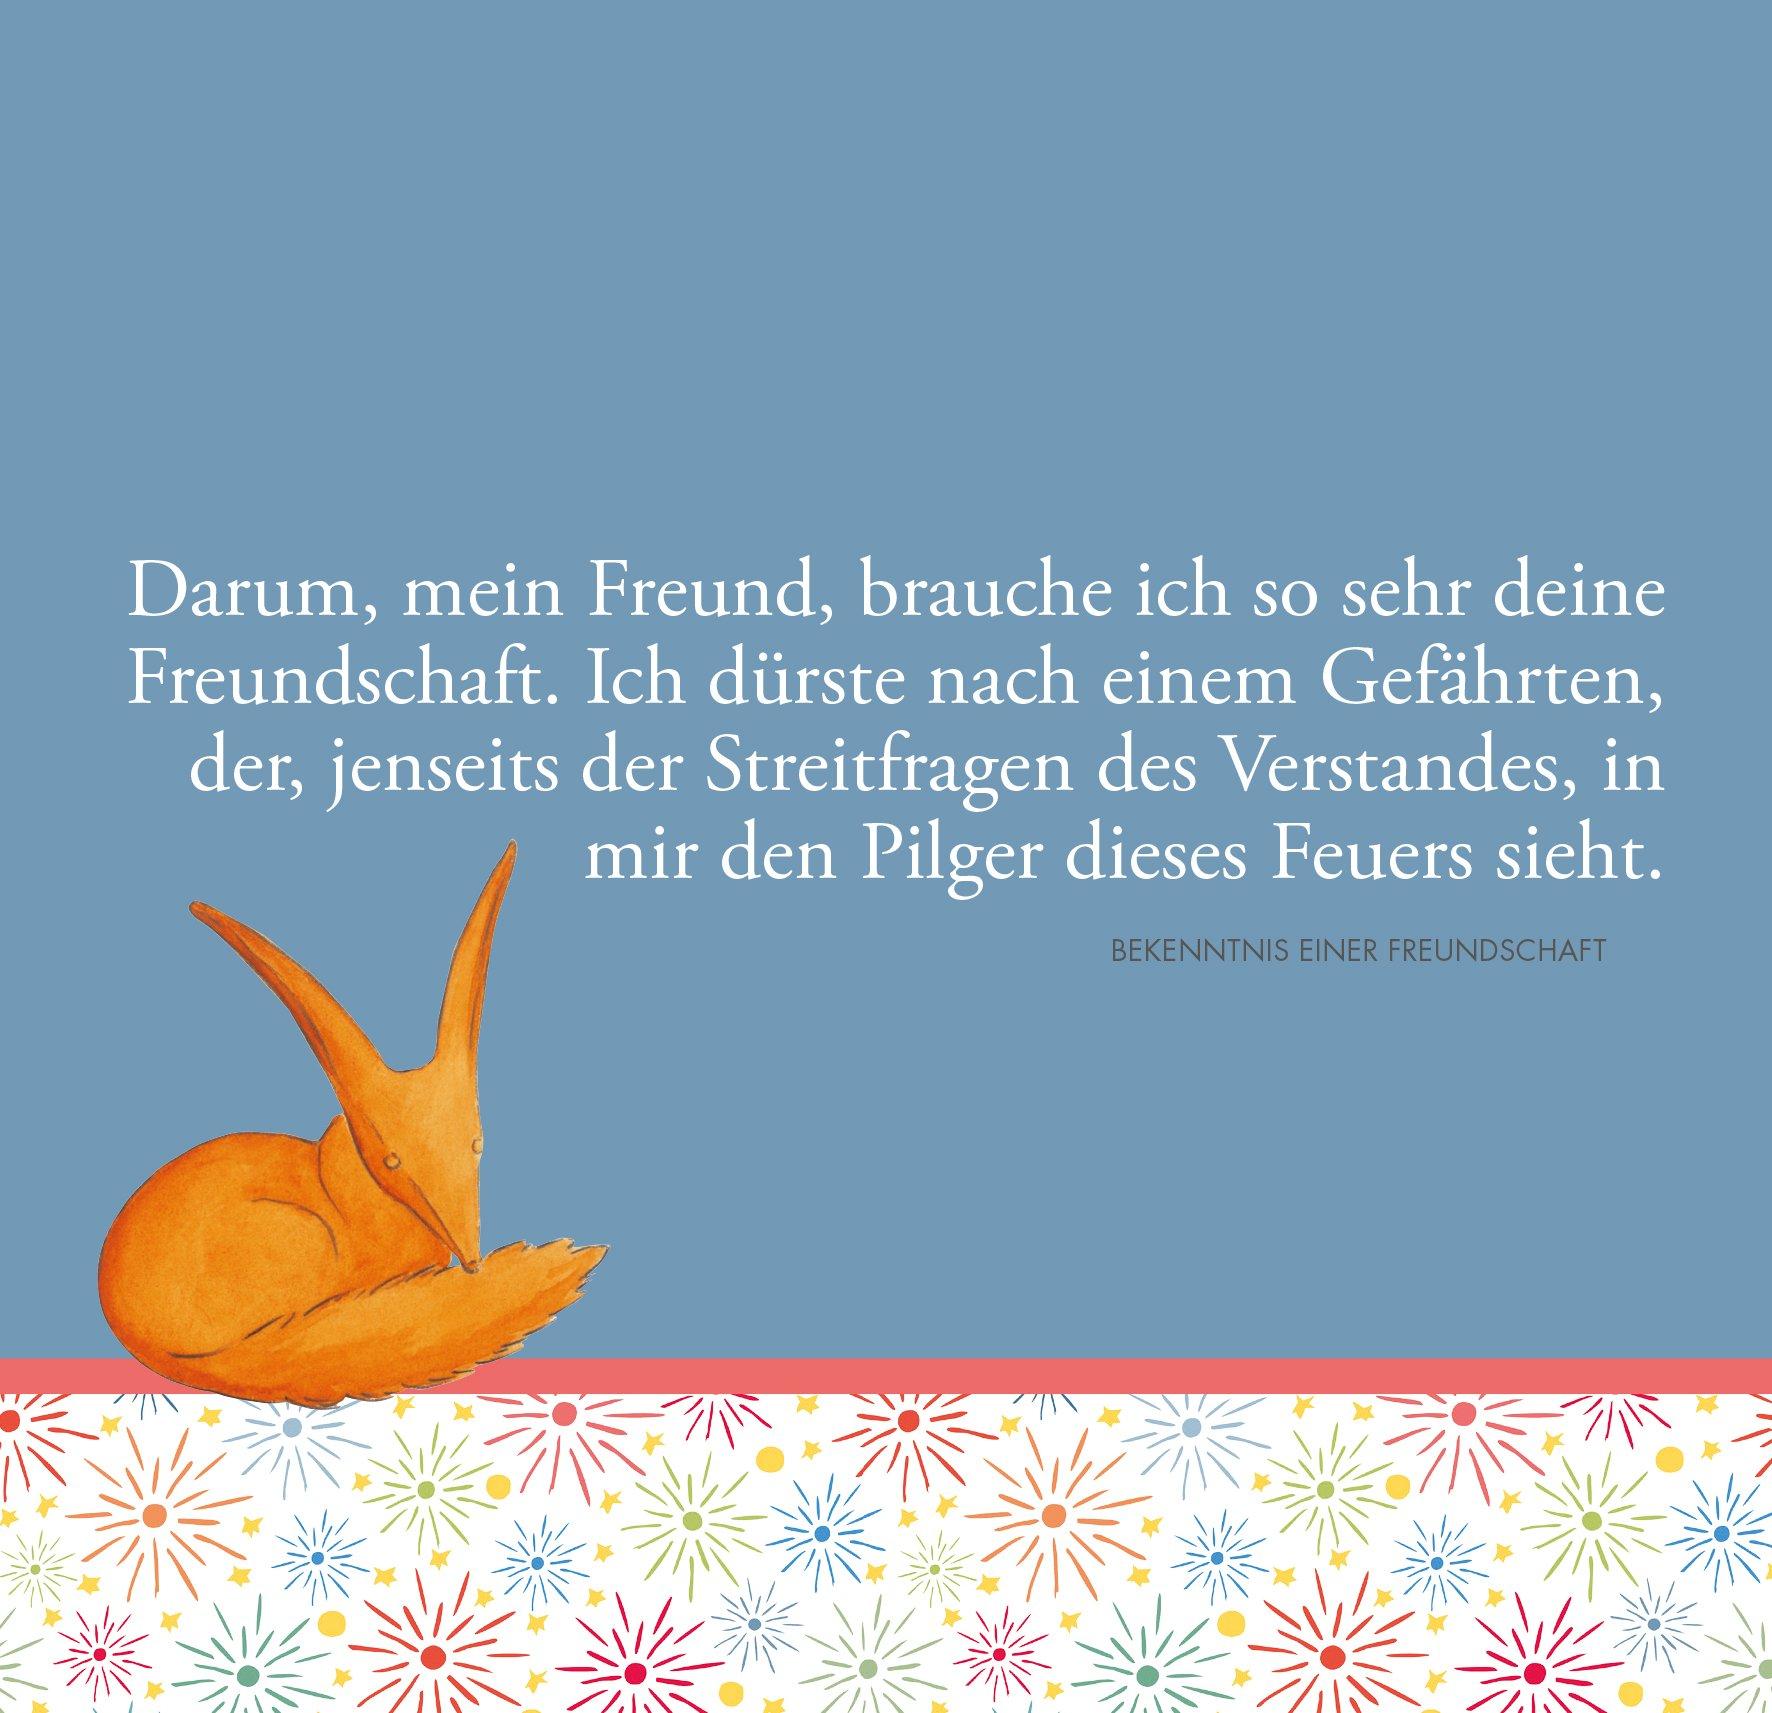 Kleine Prinz Zitate Liebe Spruche Der Wahre Freude Ist Freude Am Andern Gedanken Uber Freundschaft Von